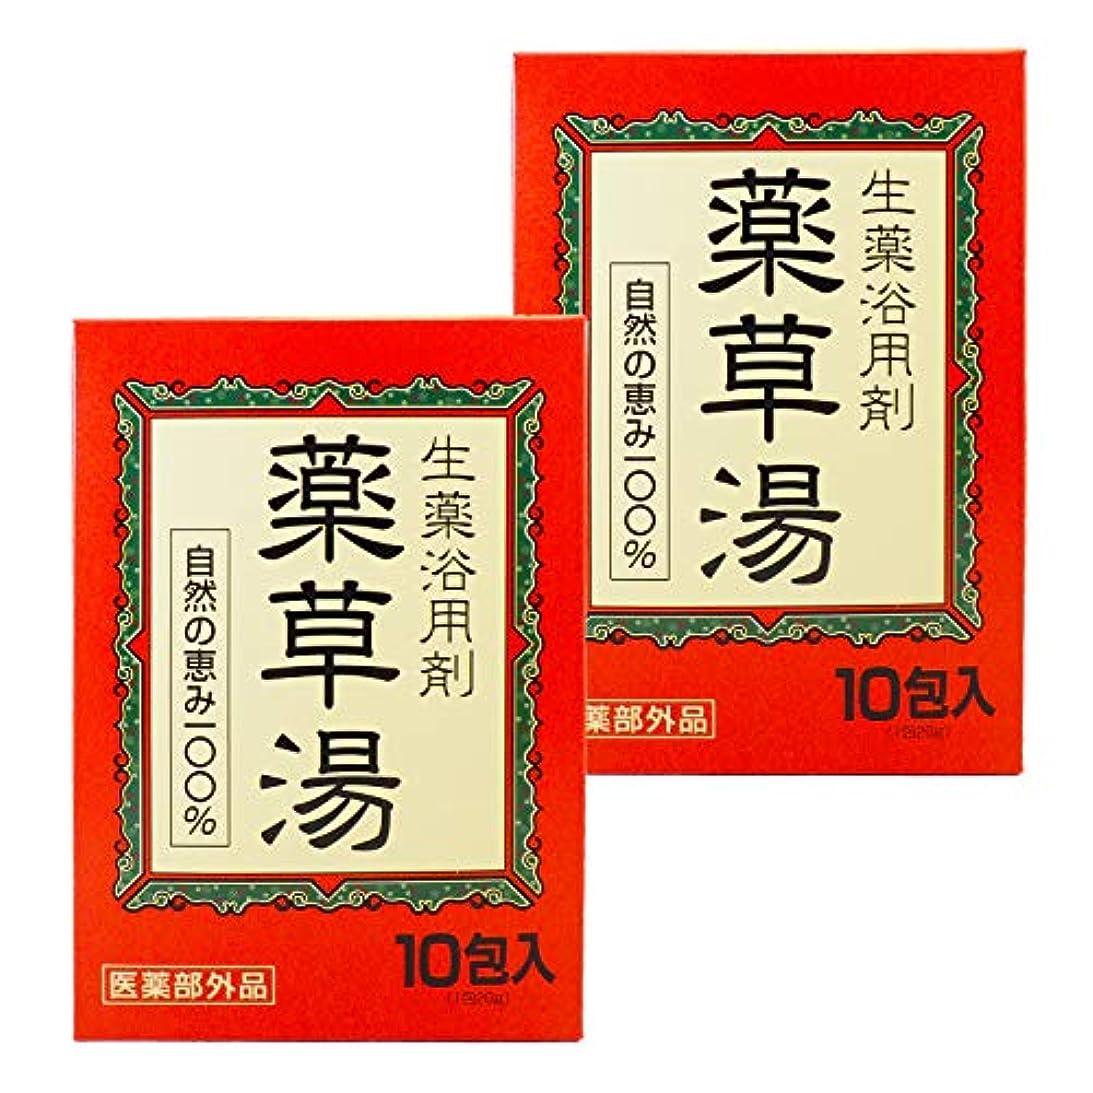 減らす確かな顧問【まとめ買い】 薬草湯 生薬浴用剤 10包入×2個 自然のめぐみ100% 医薬部外品